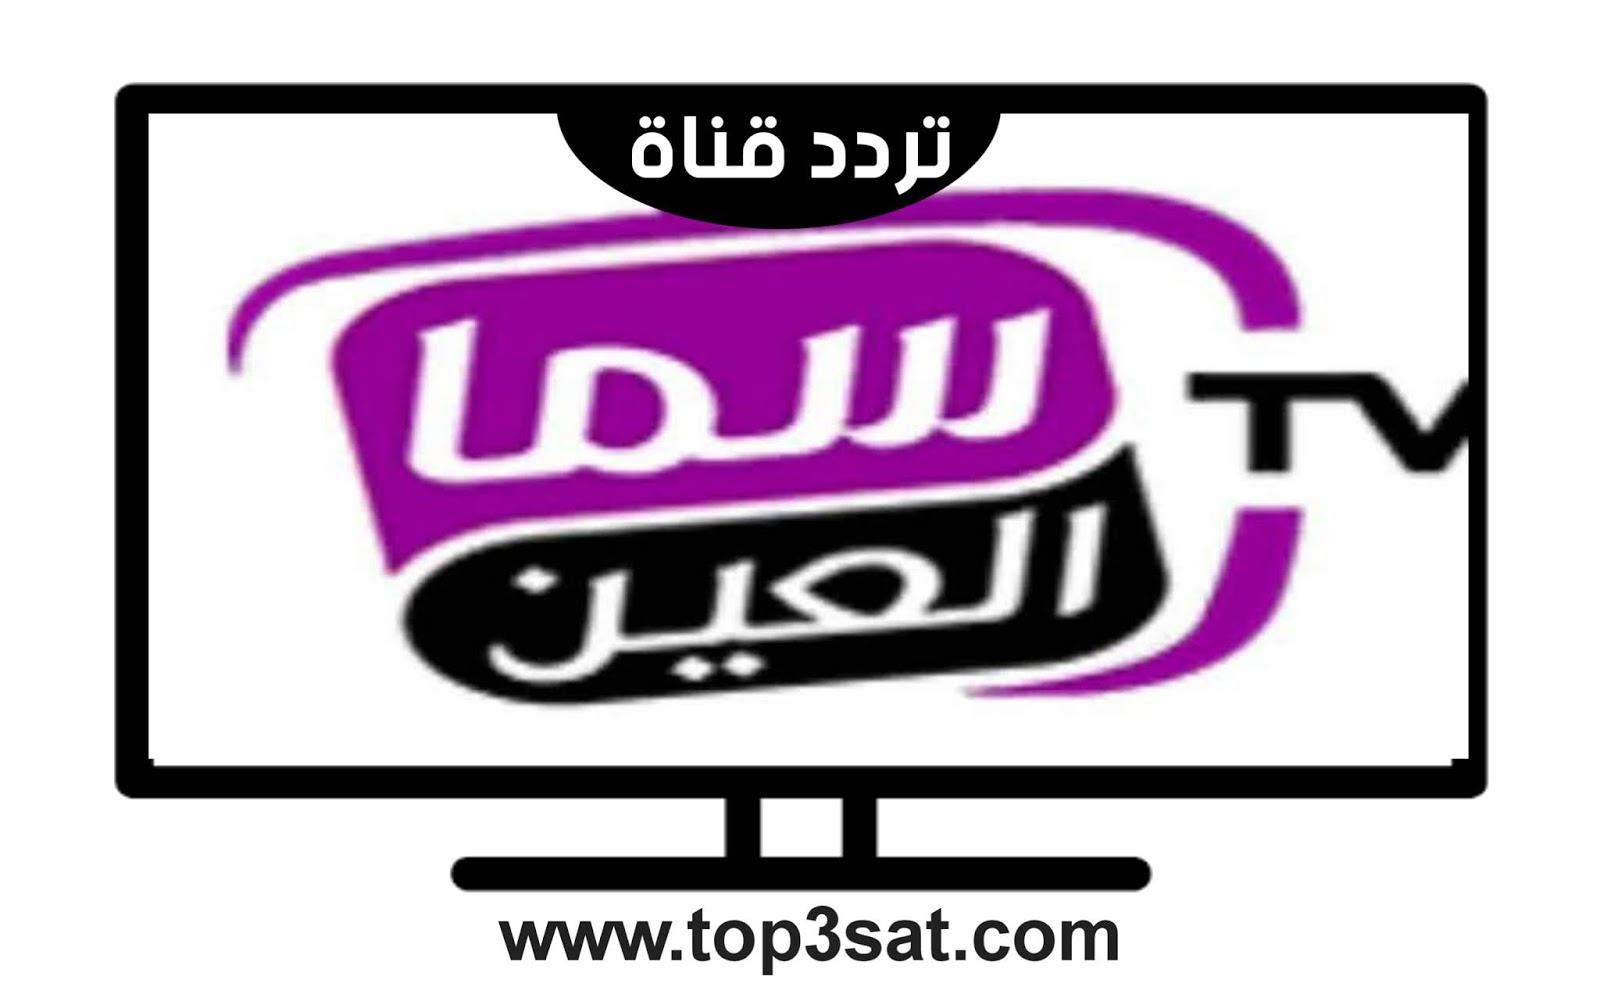 تردد قناة سما العين الإماراتية الجديد على النايل سات Sama Alain آخر تحديث 2020